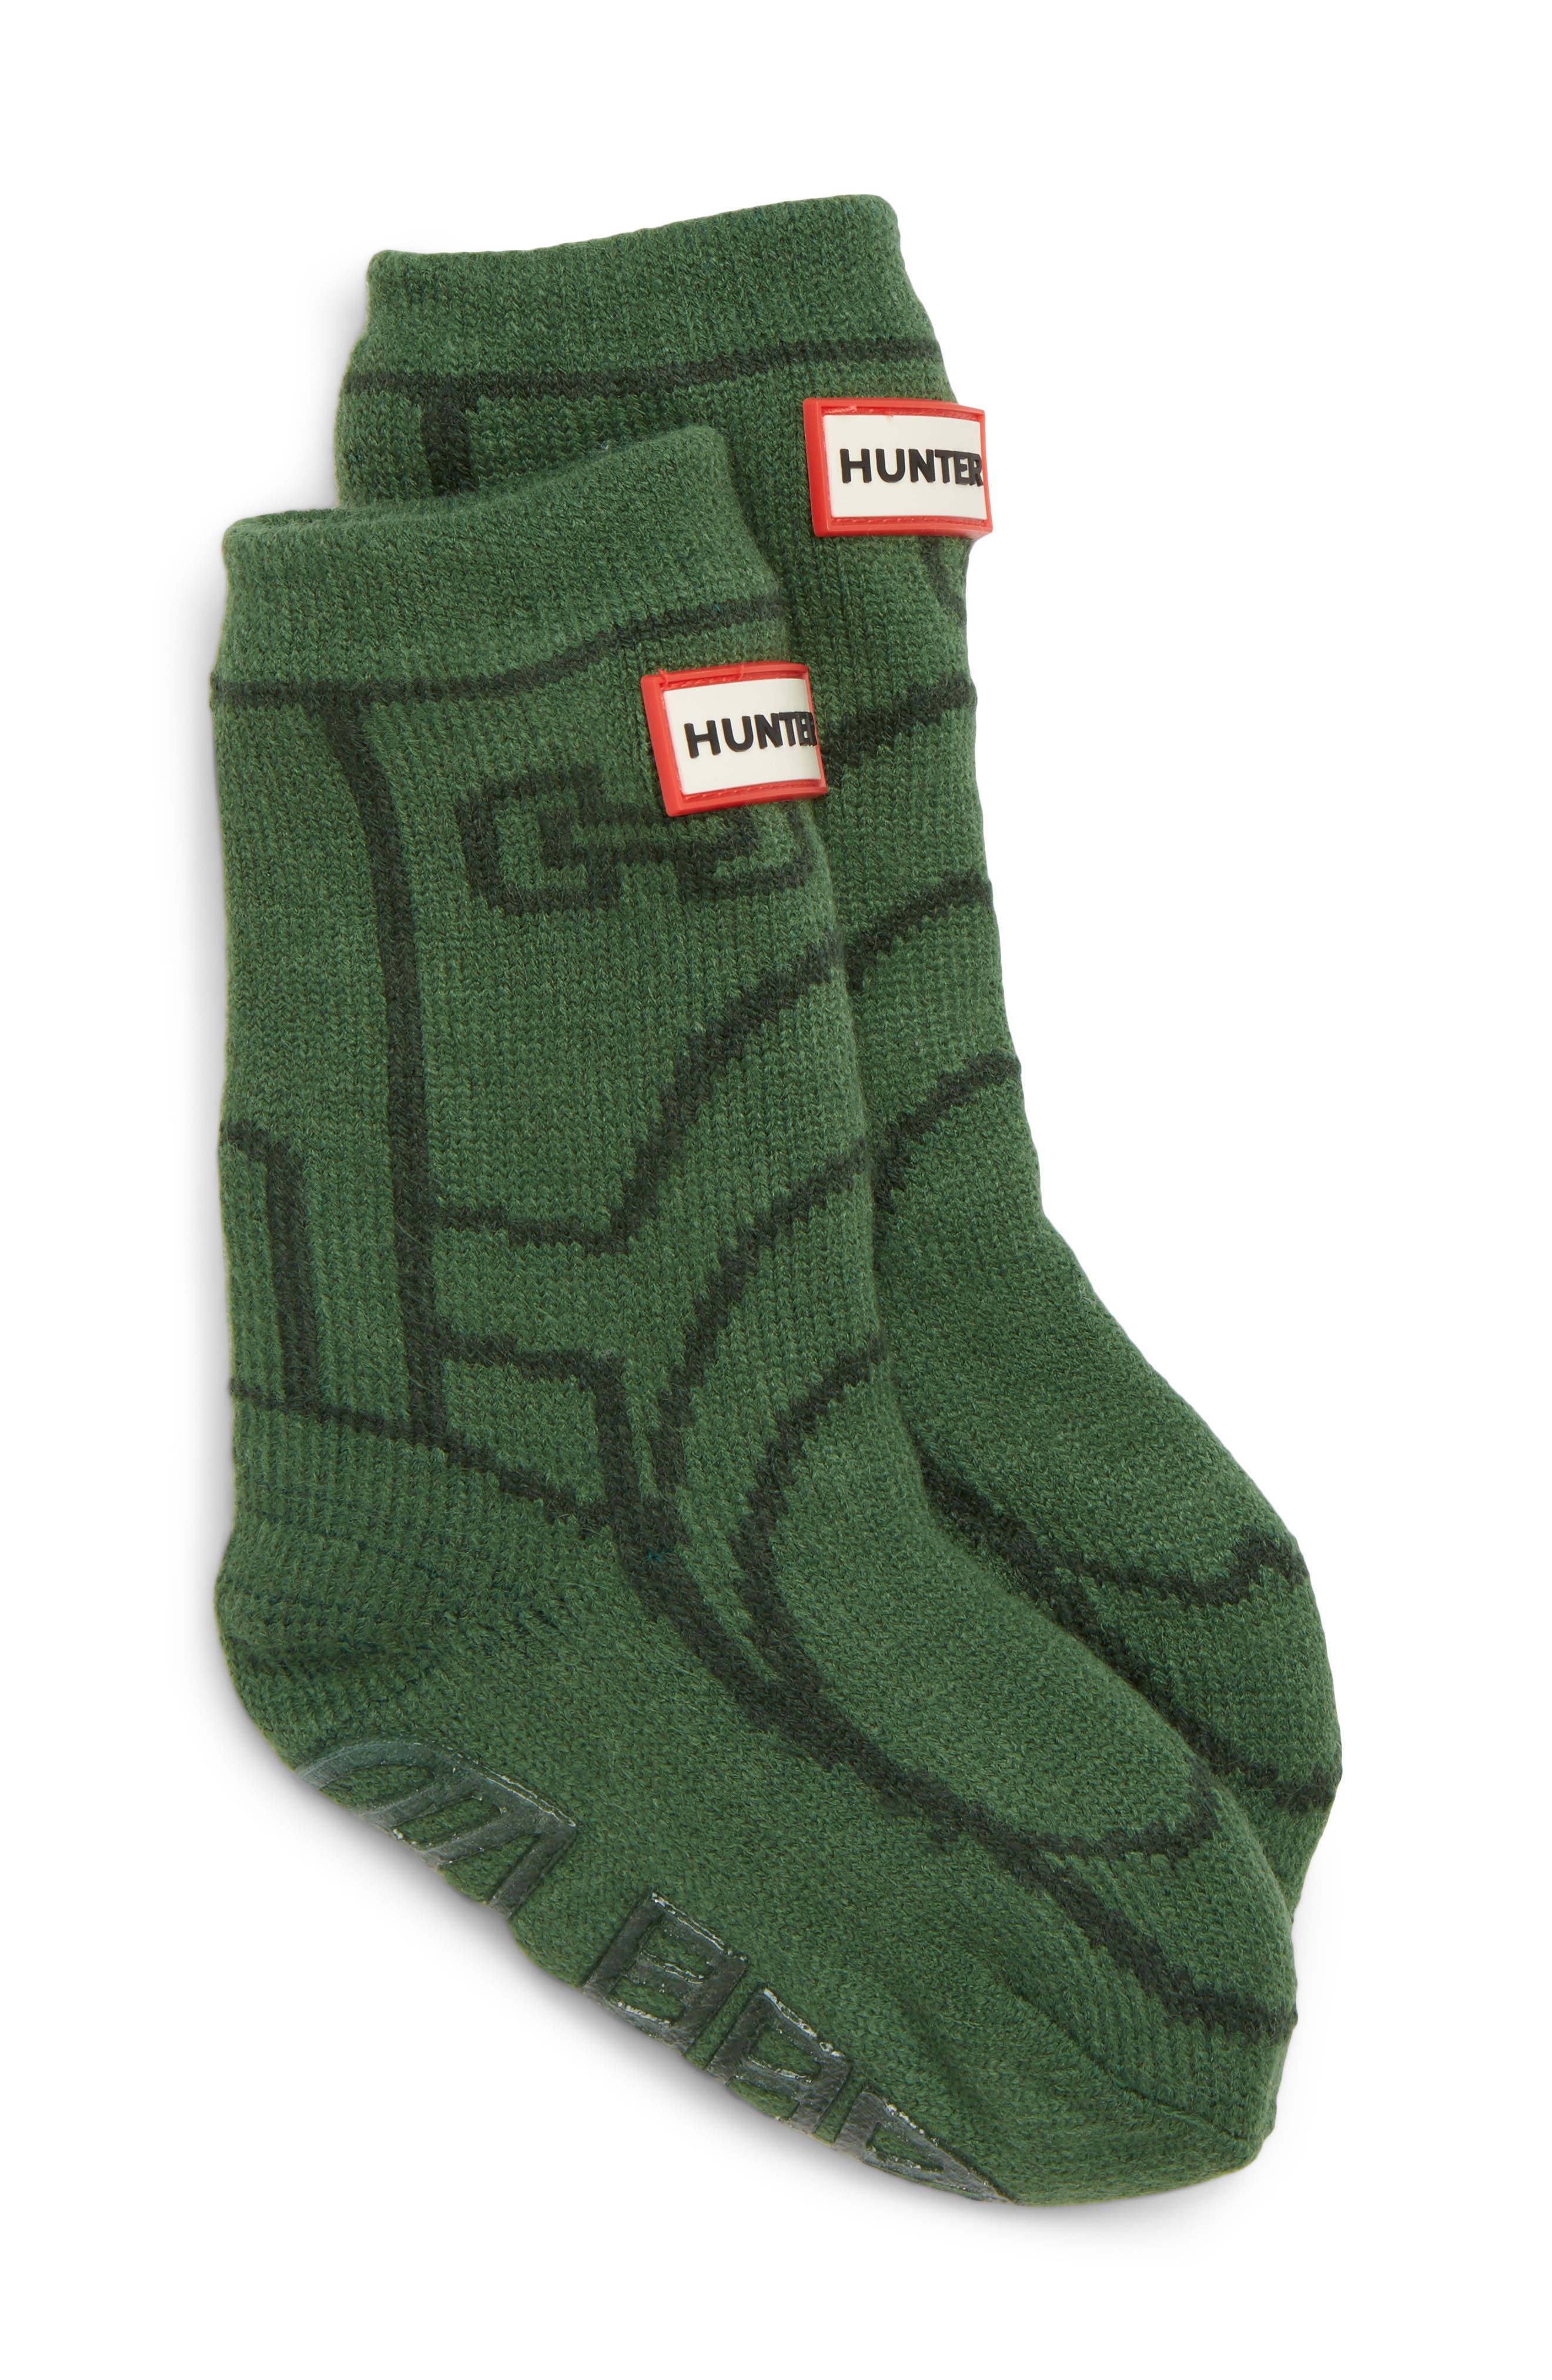 Toddler Hunter Original Boot Slipper Socks Size Large  Green